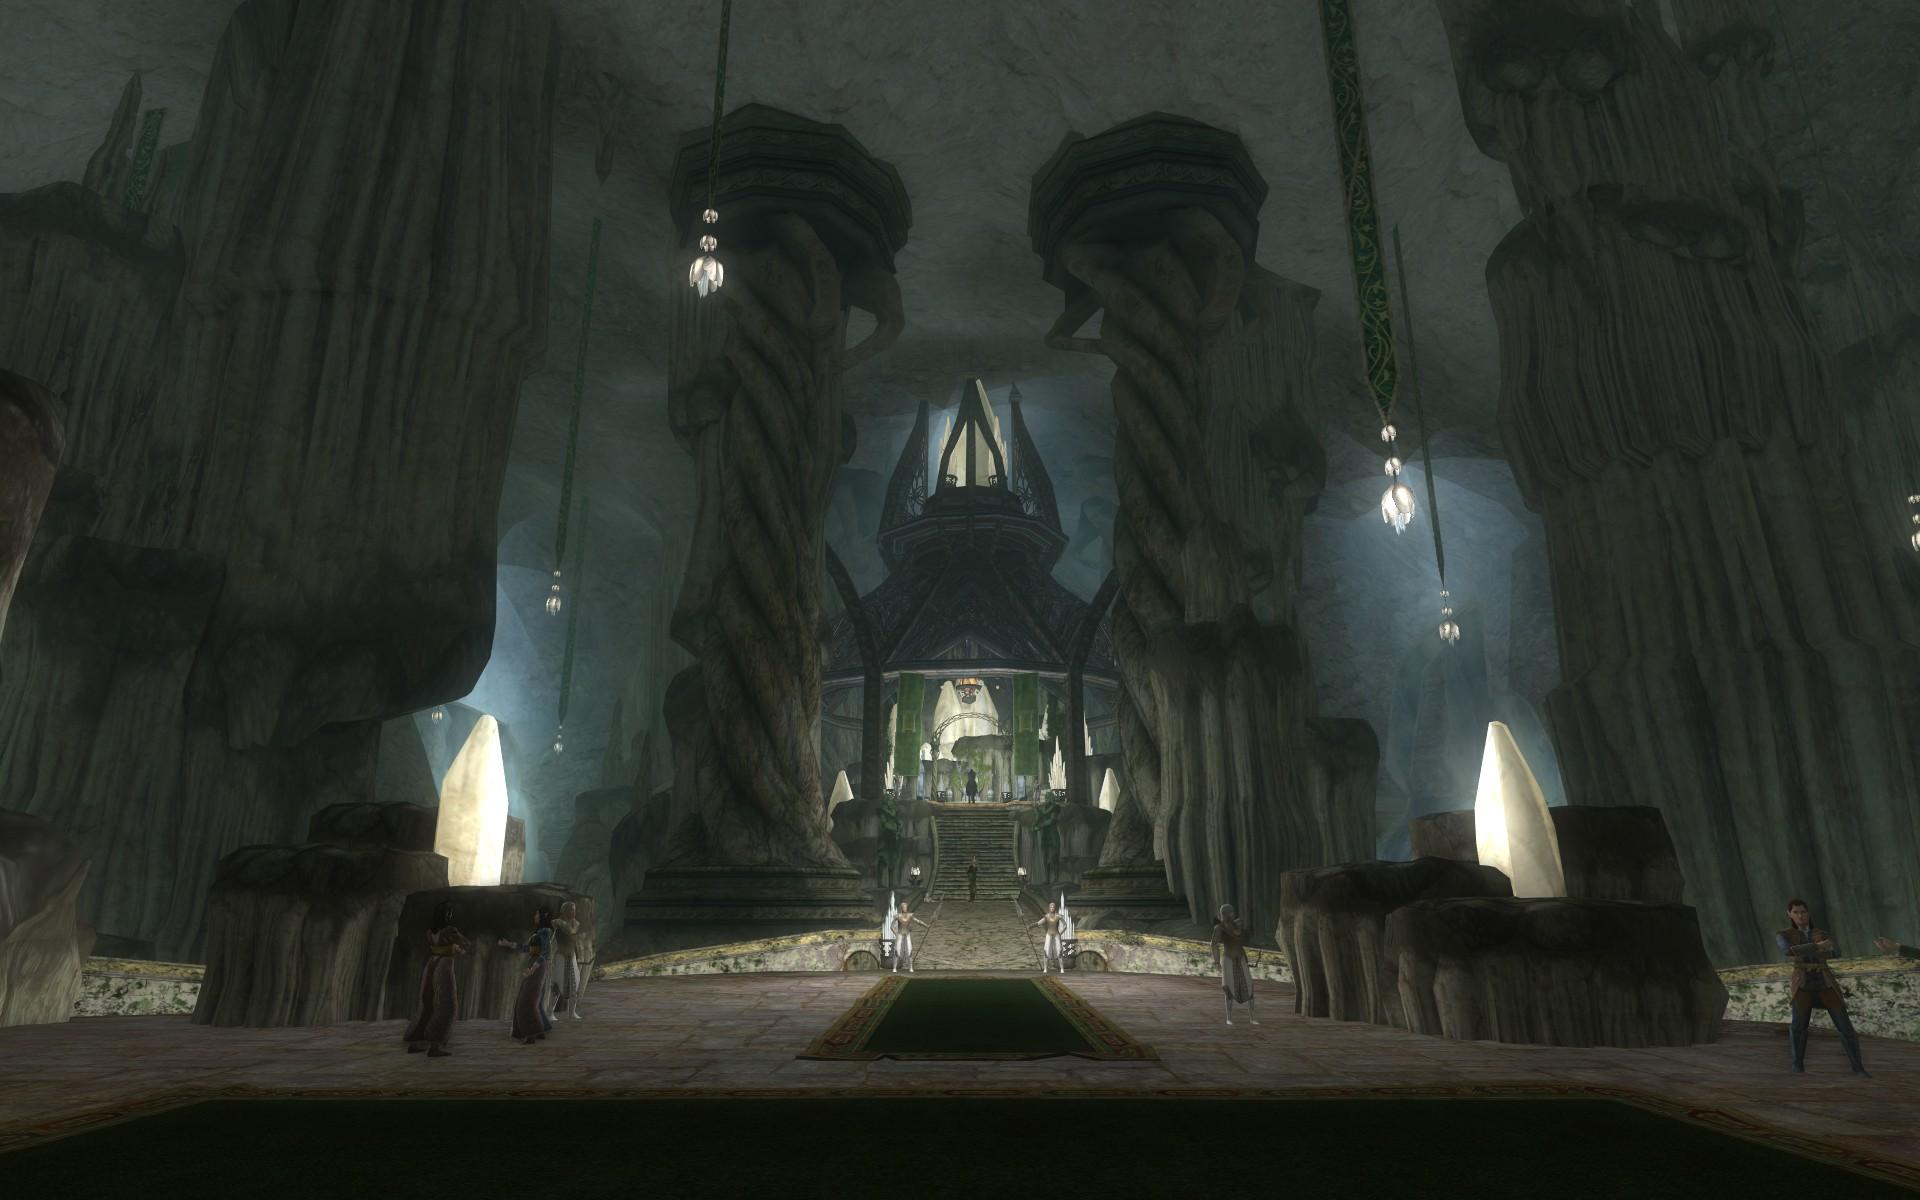 『ロード・オブ・ザ・リングス オンライン』におけるエルフ王の岩屋